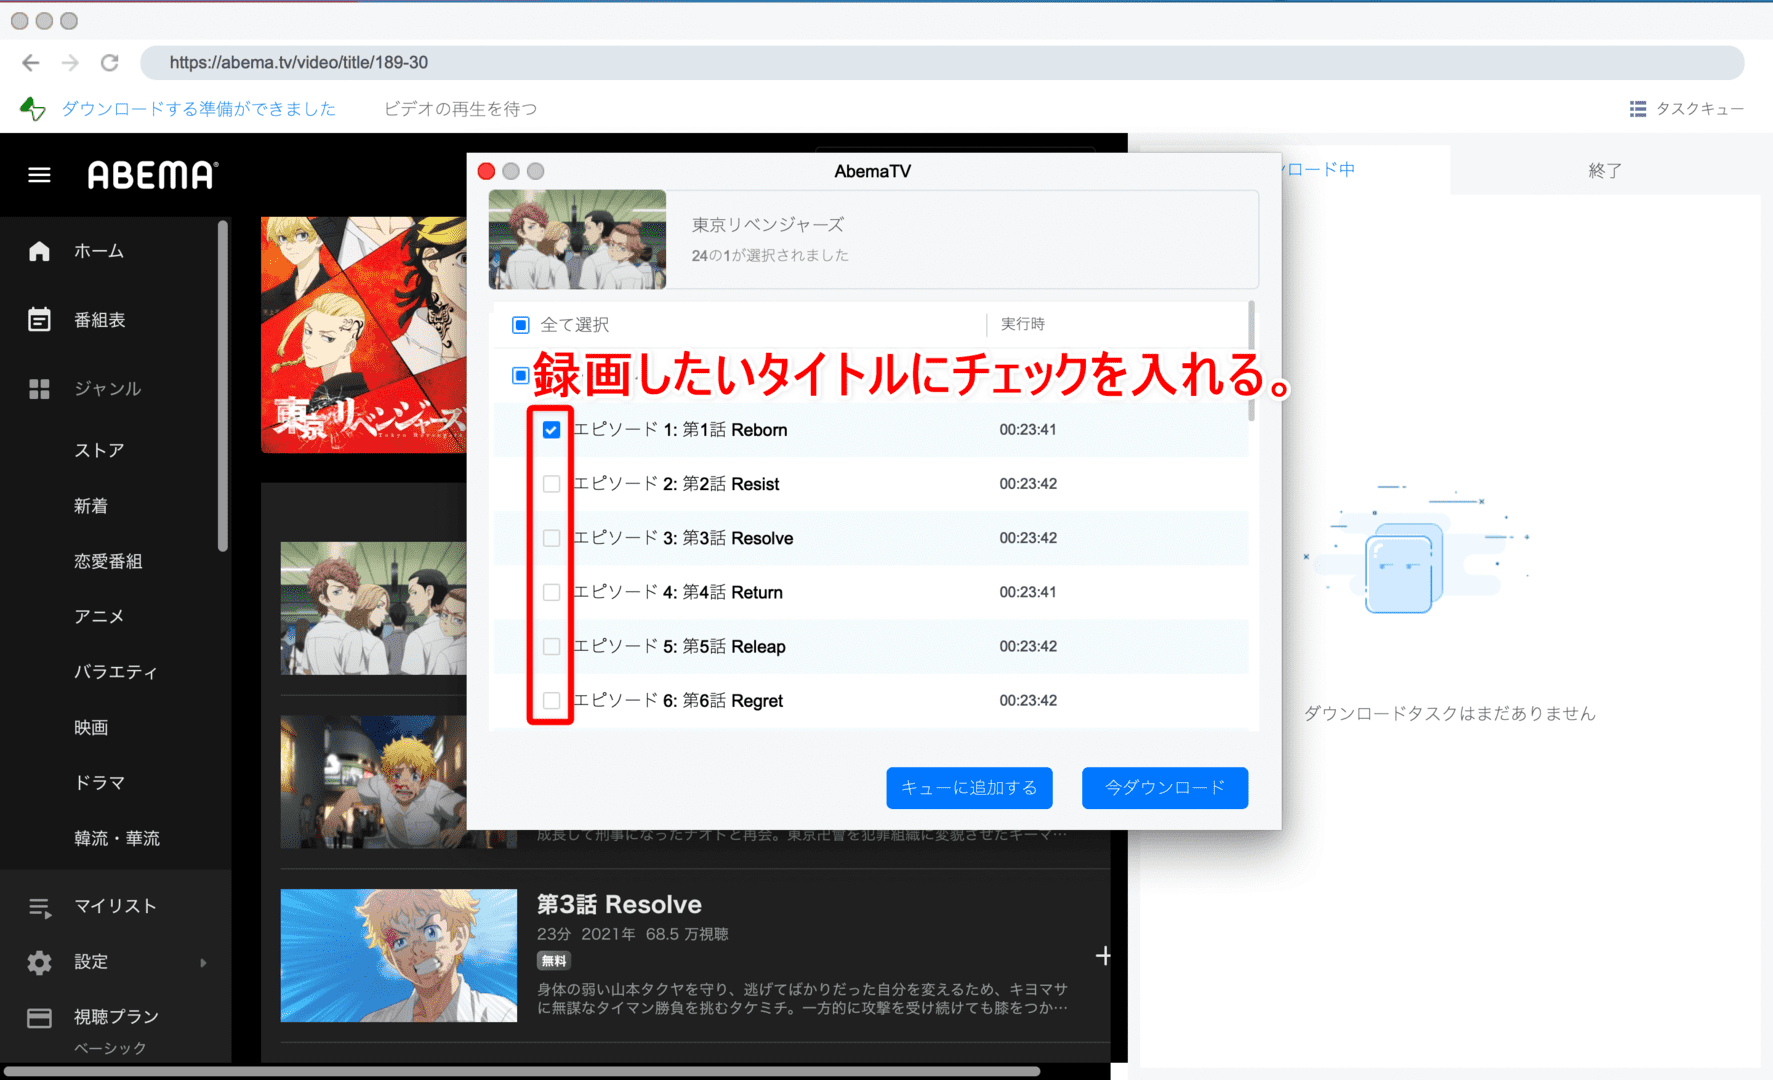 Mac版AbemaTVの録画方法|画面録画できないAbemaTVをMacにダウンロードして永久保存する裏ワザ|録画方法:すると自動的に録画する動画コンテンツを選択できる画面が表示されるので、録画したいコンテンツを選択しましょう。